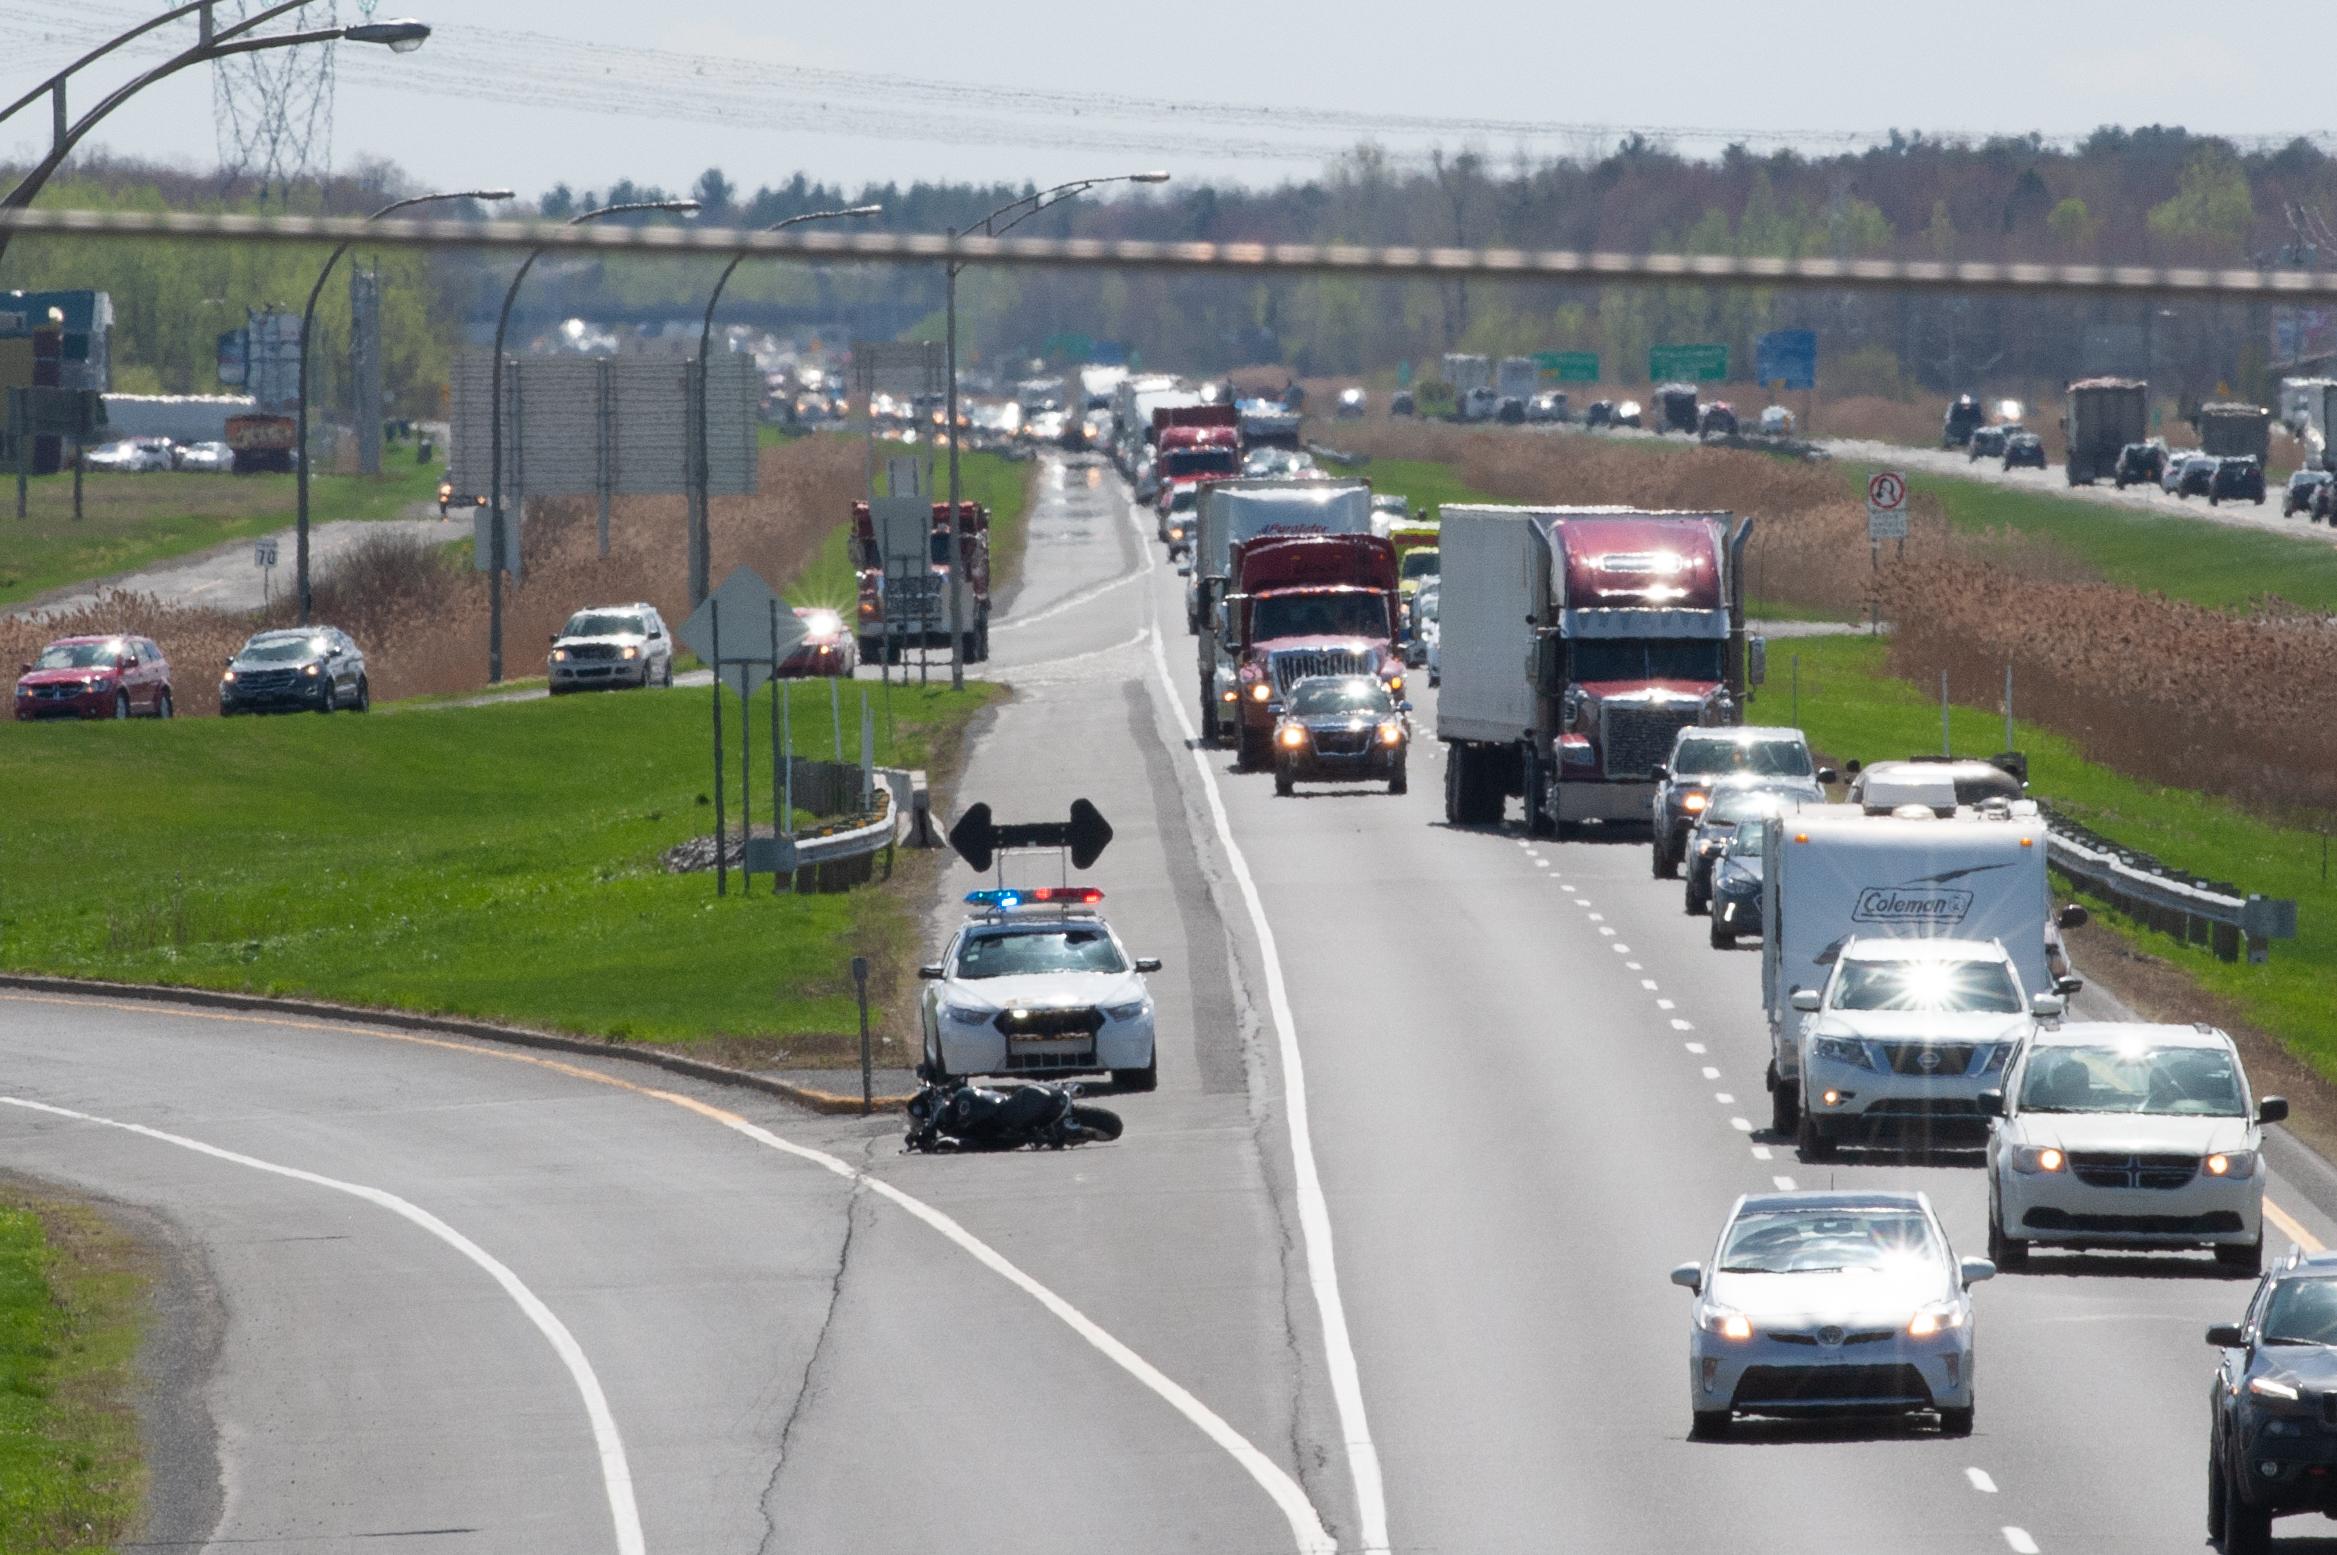 Un accident cause un bouchon sur l'autoroute